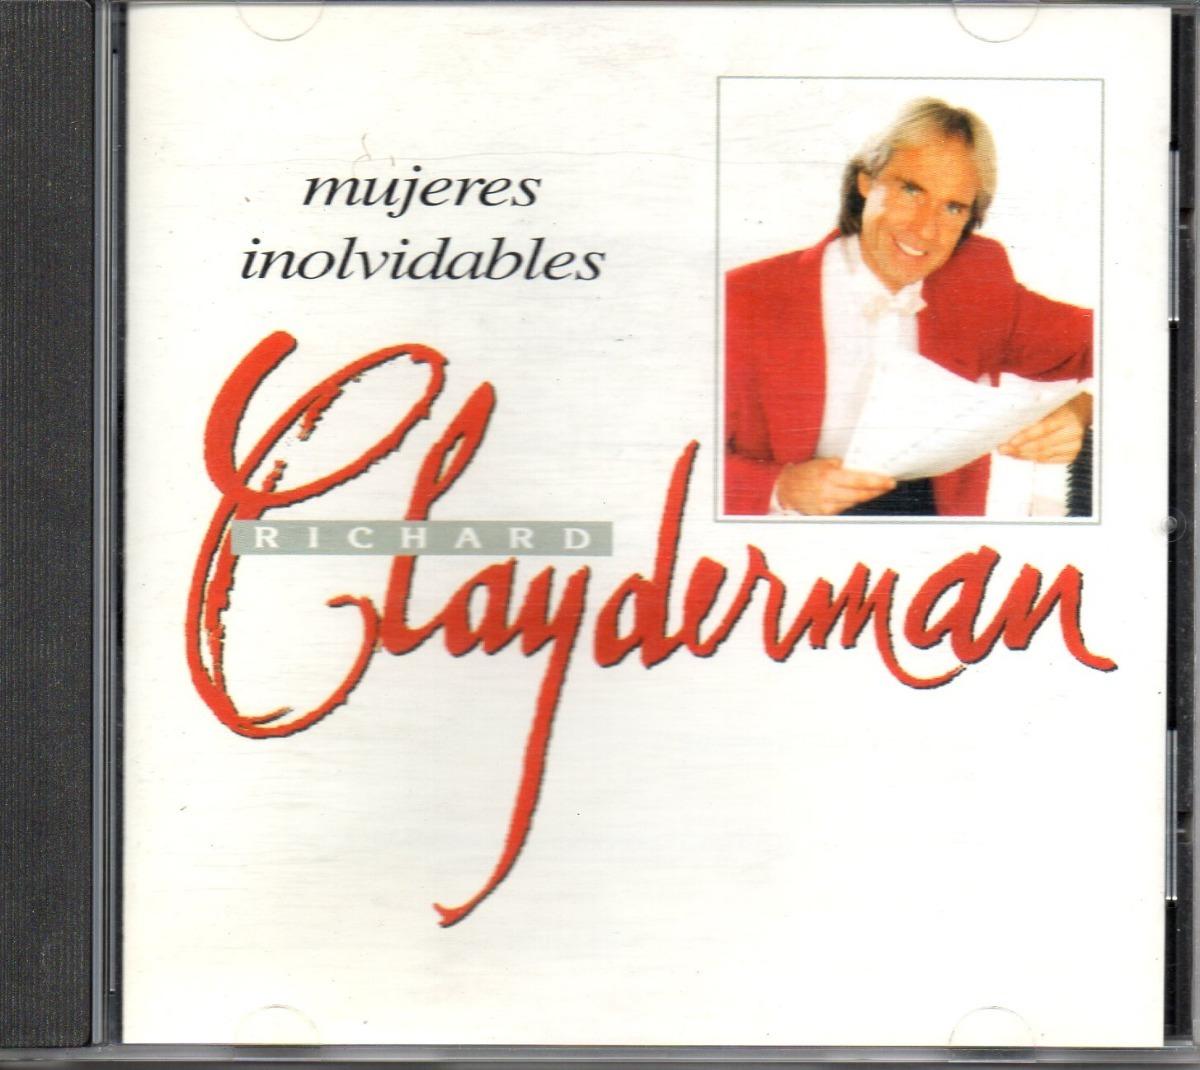 DOWNLOAD RICHARD GRATUITO CD CLAYDERMAN